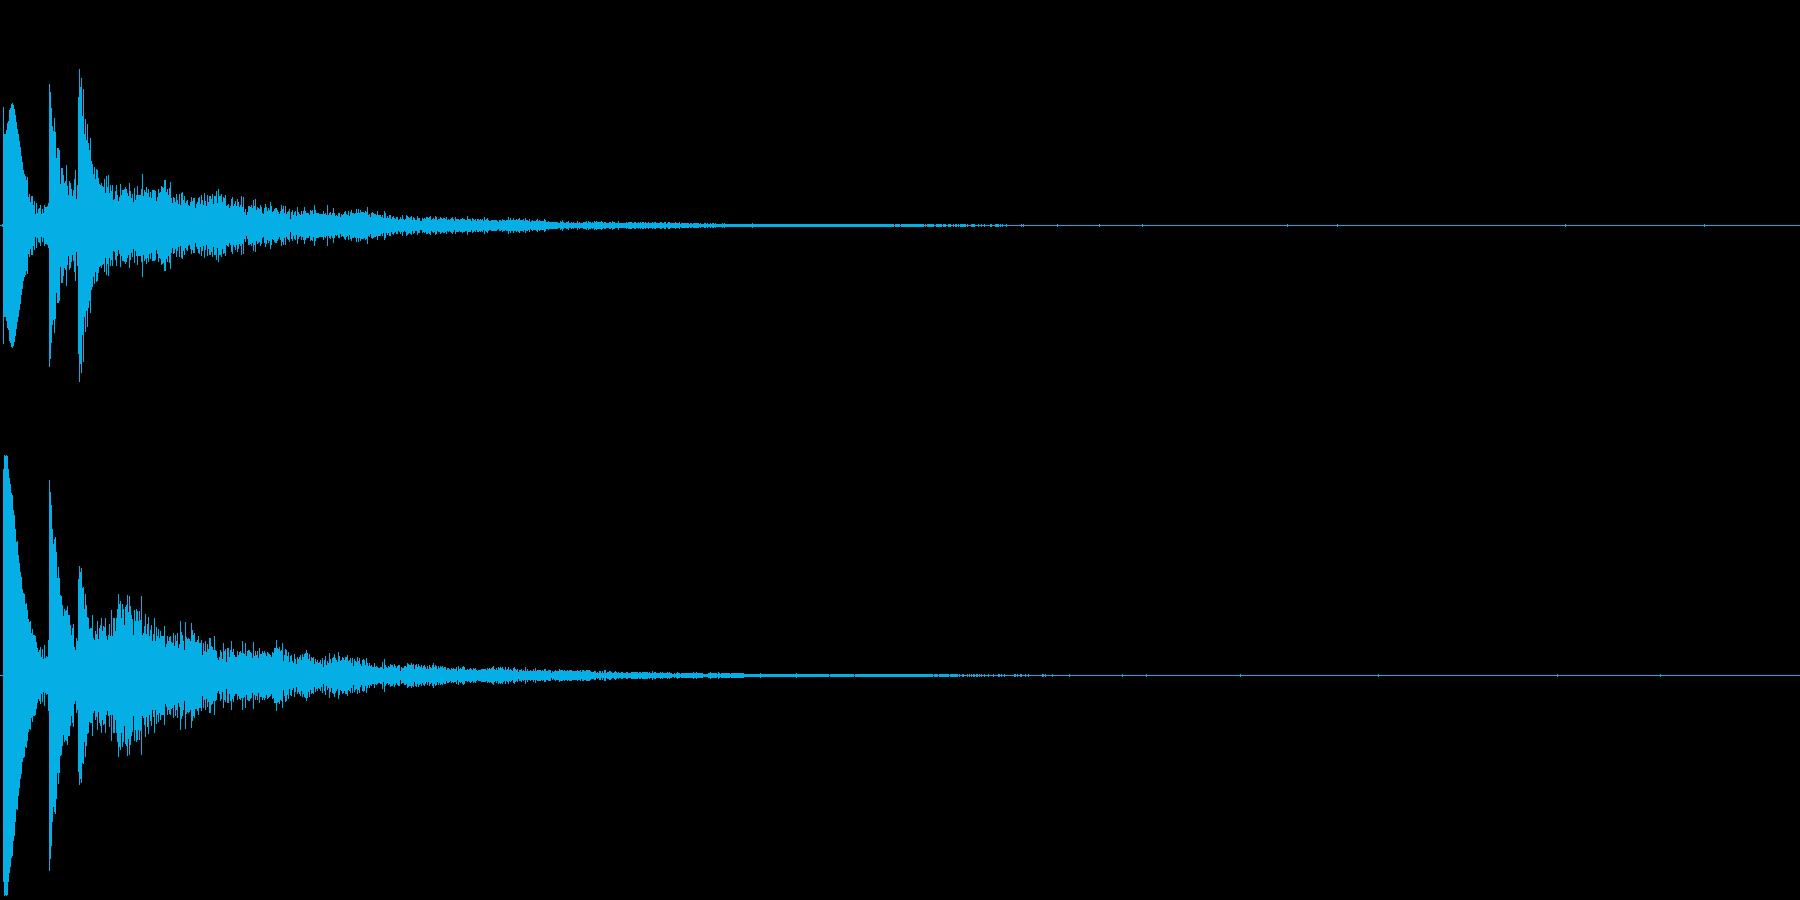 ポピポン パピポン お知らせ音 吹き出しの再生済みの波形